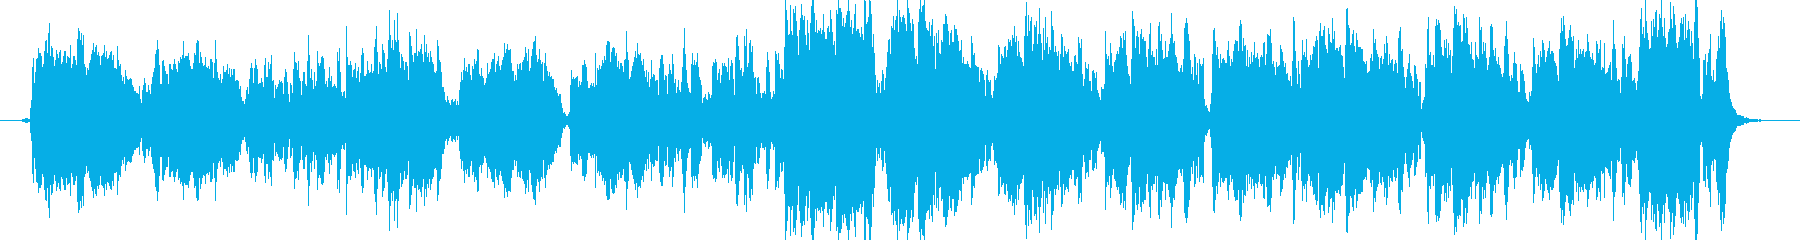 ジャズテイストの花のワルツの再生済みの波形